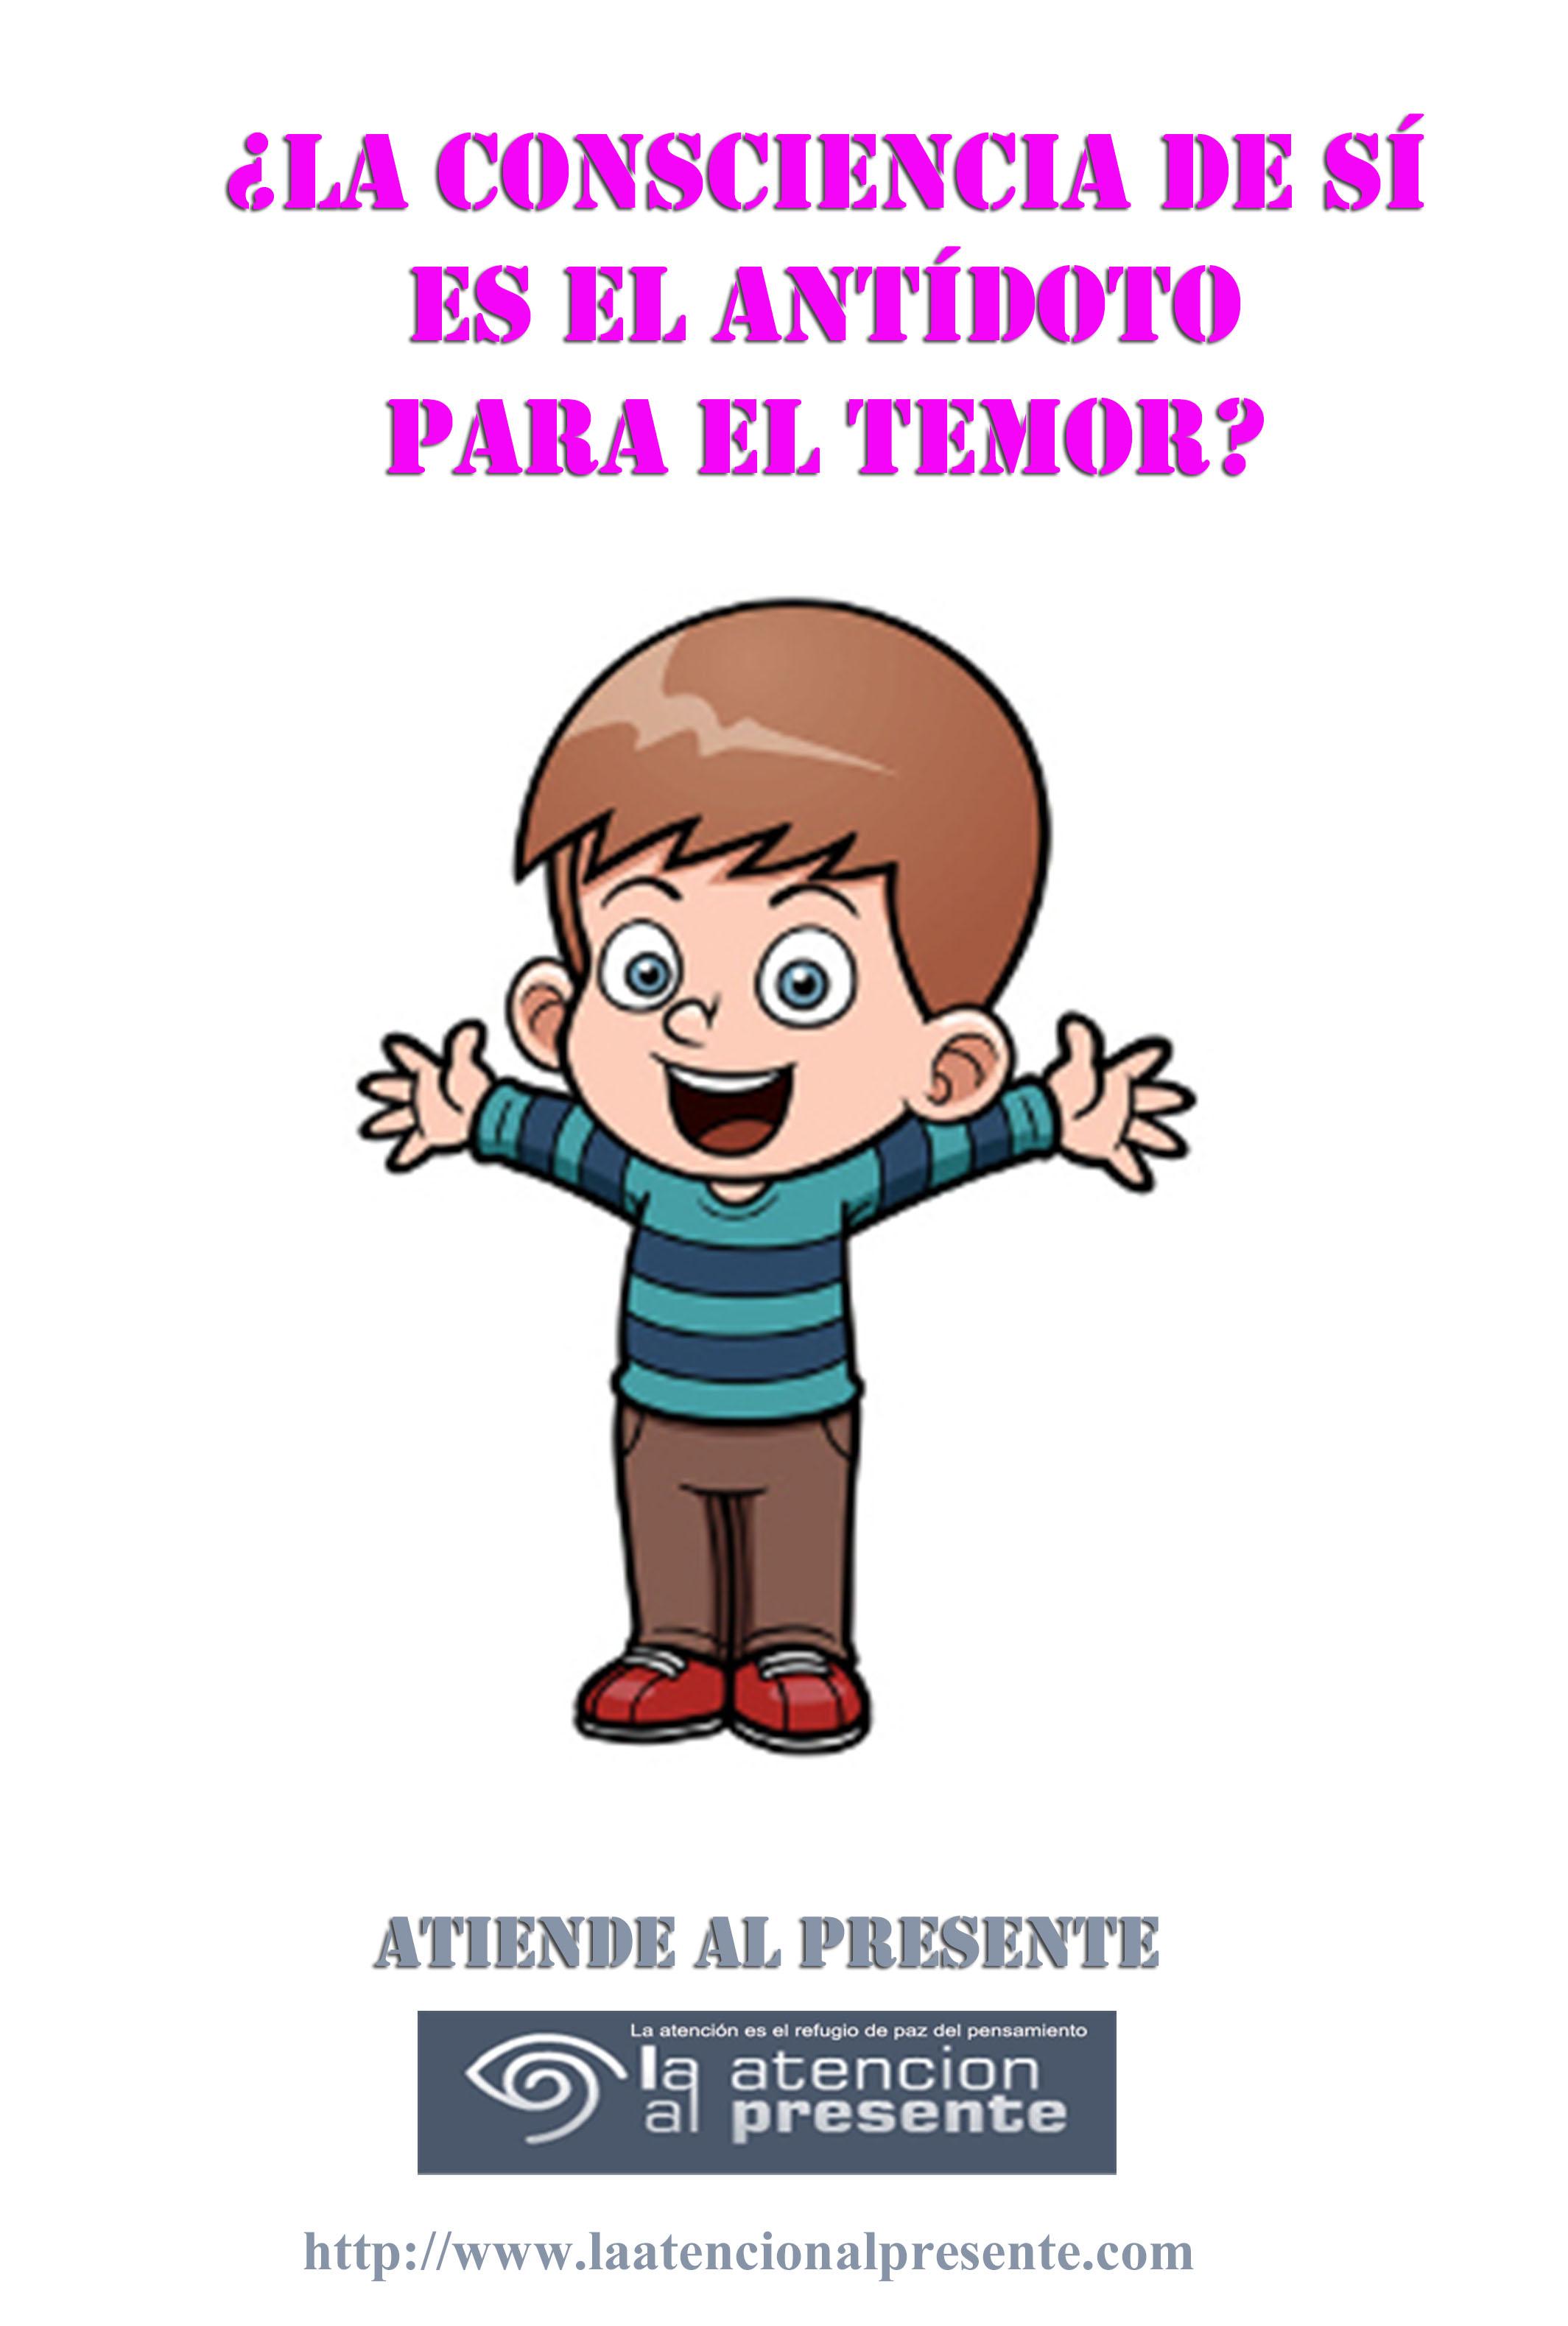 20 de enero Esteban La CONSCIENCIA de SÍ es el antídoto para el TEMOR